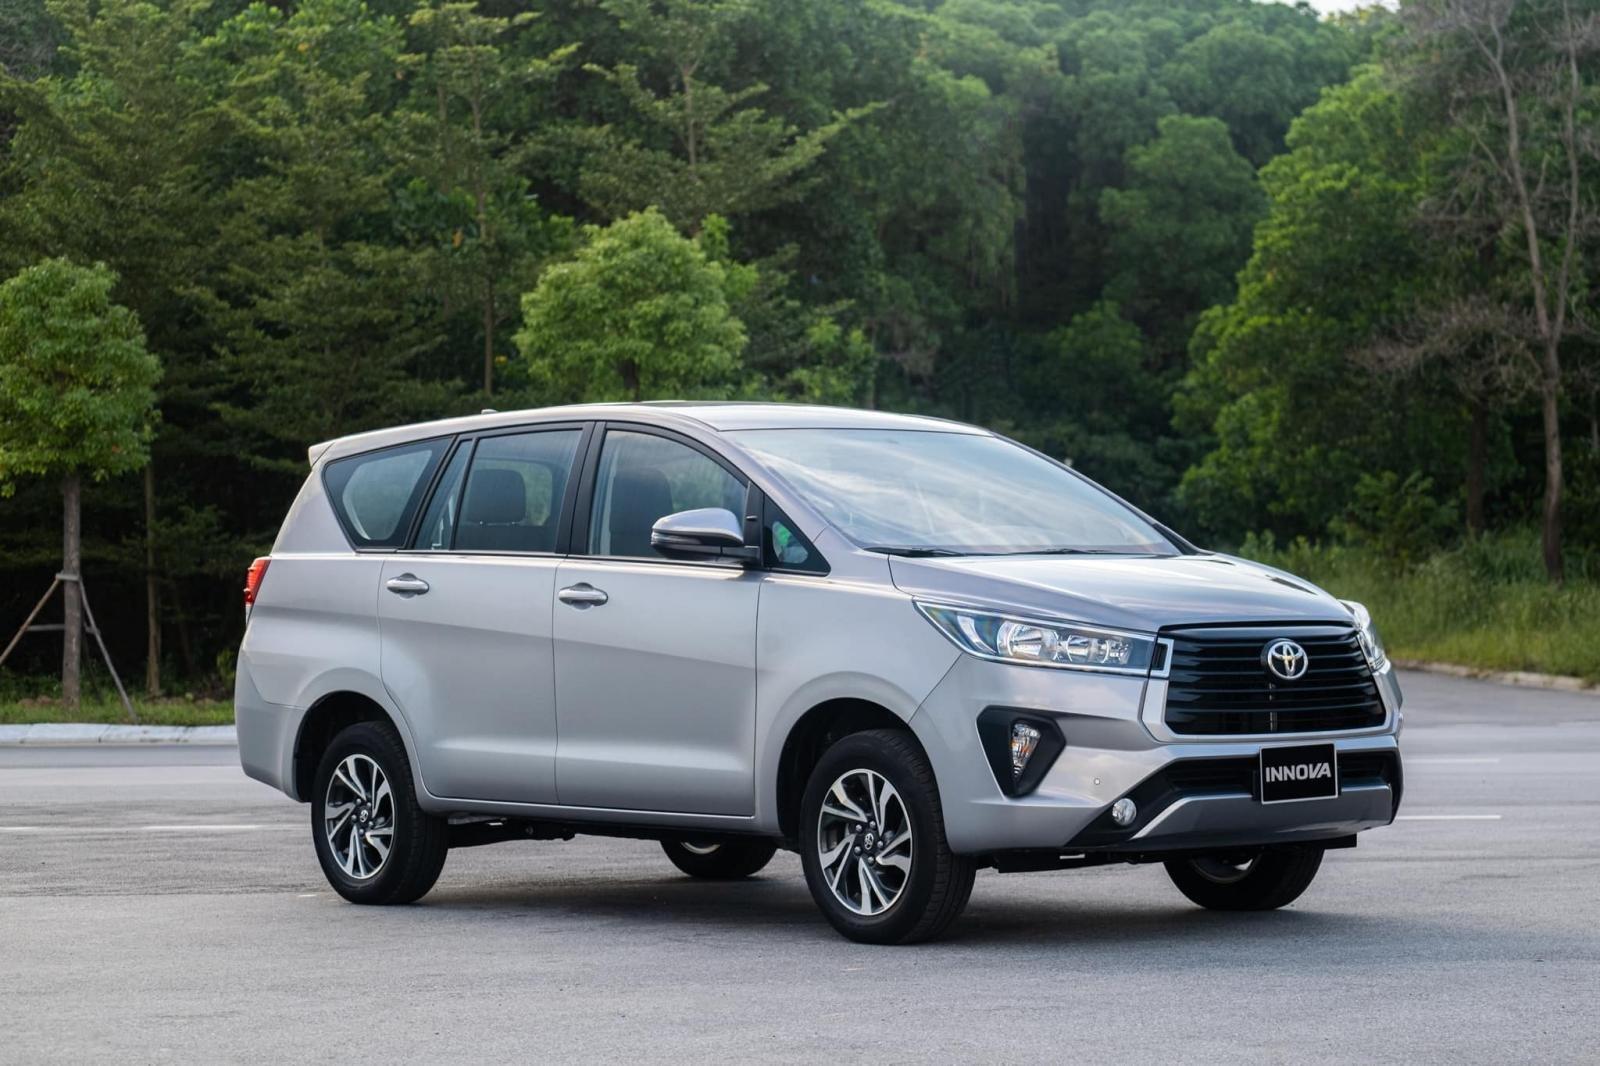 Bảng giá xe ô tô Toyota tháng 11/2020